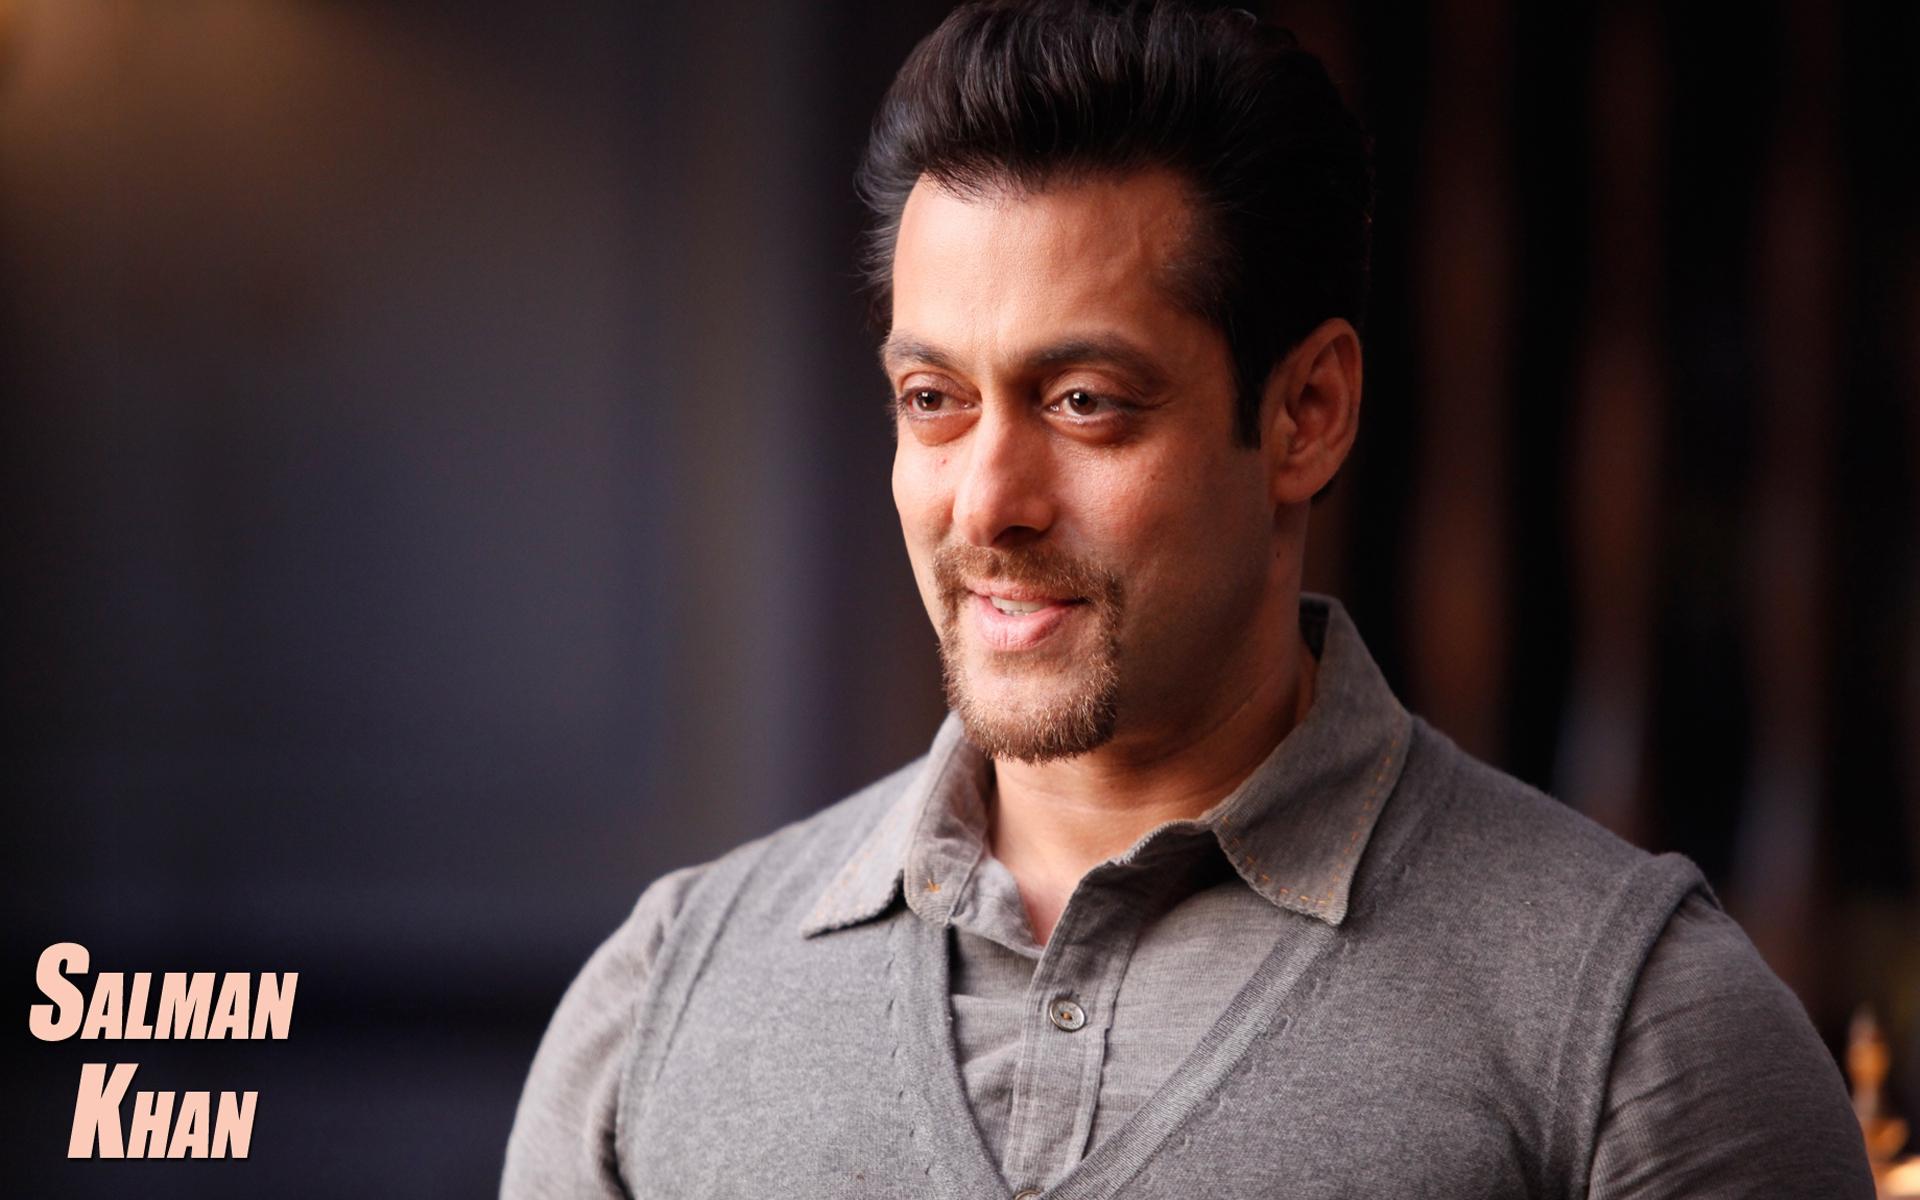 Salman Khan Hd